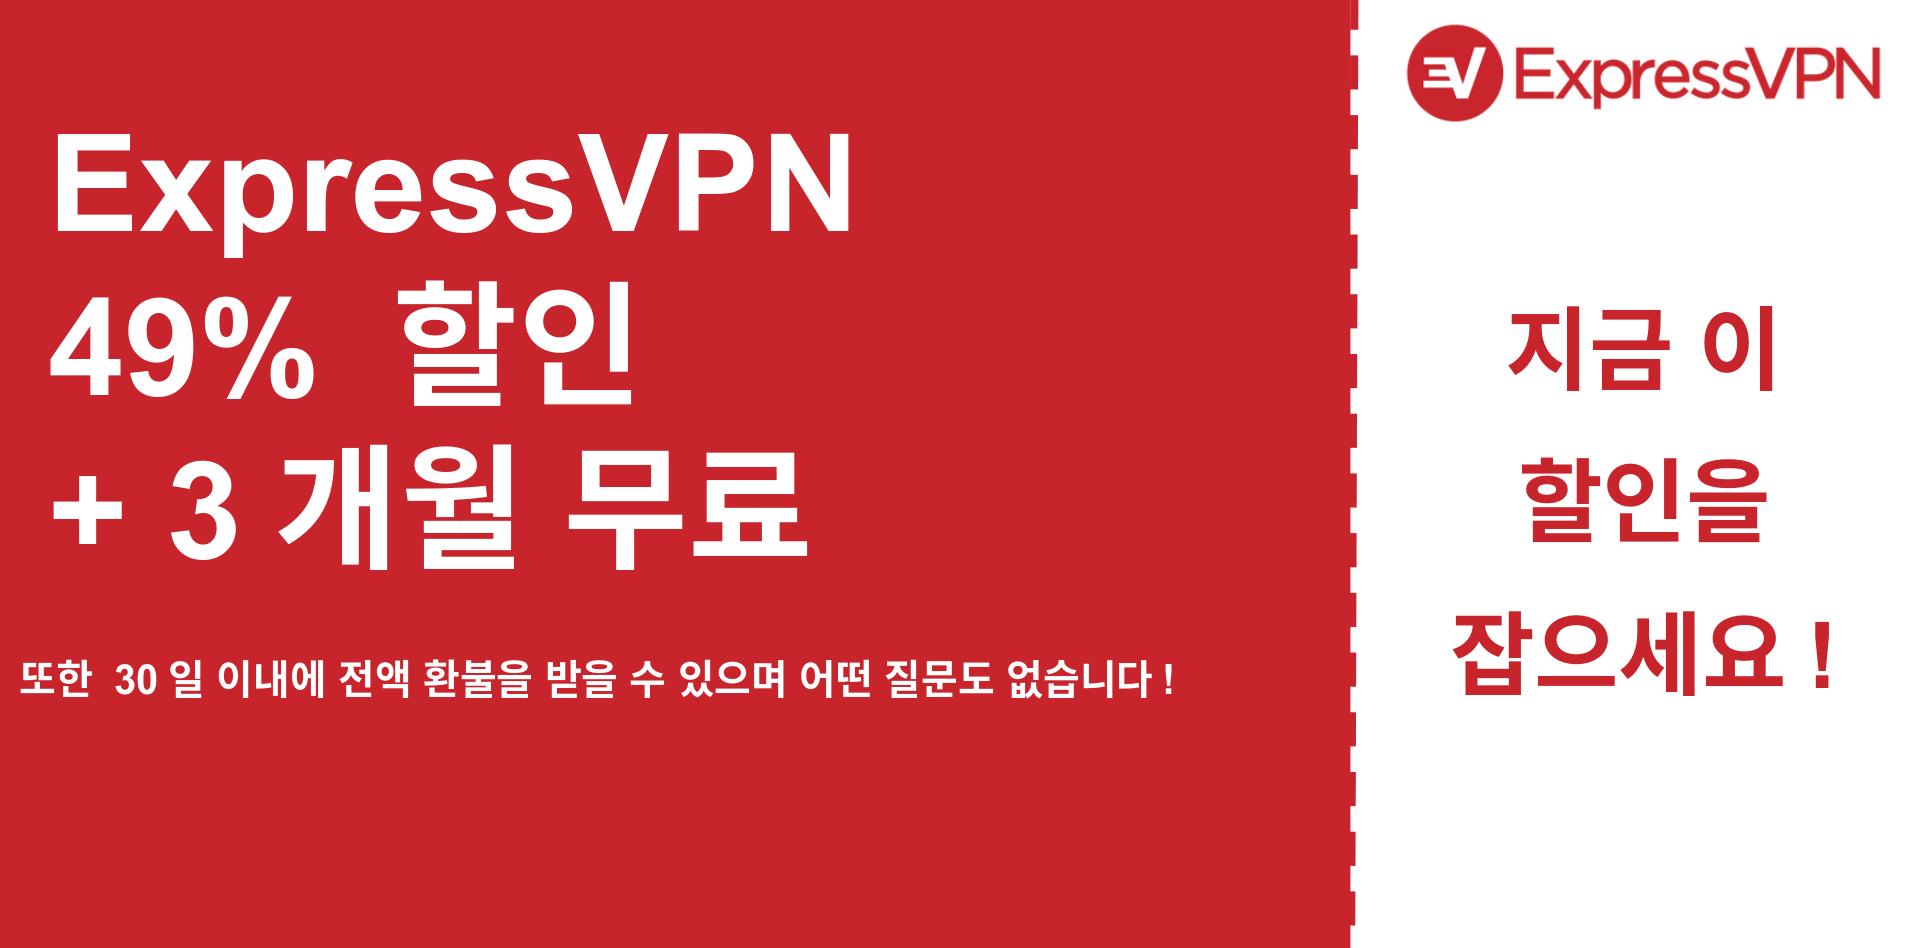 49 % 할인 된 ExpressVPN 메인 쿠폰 배너 그래픽